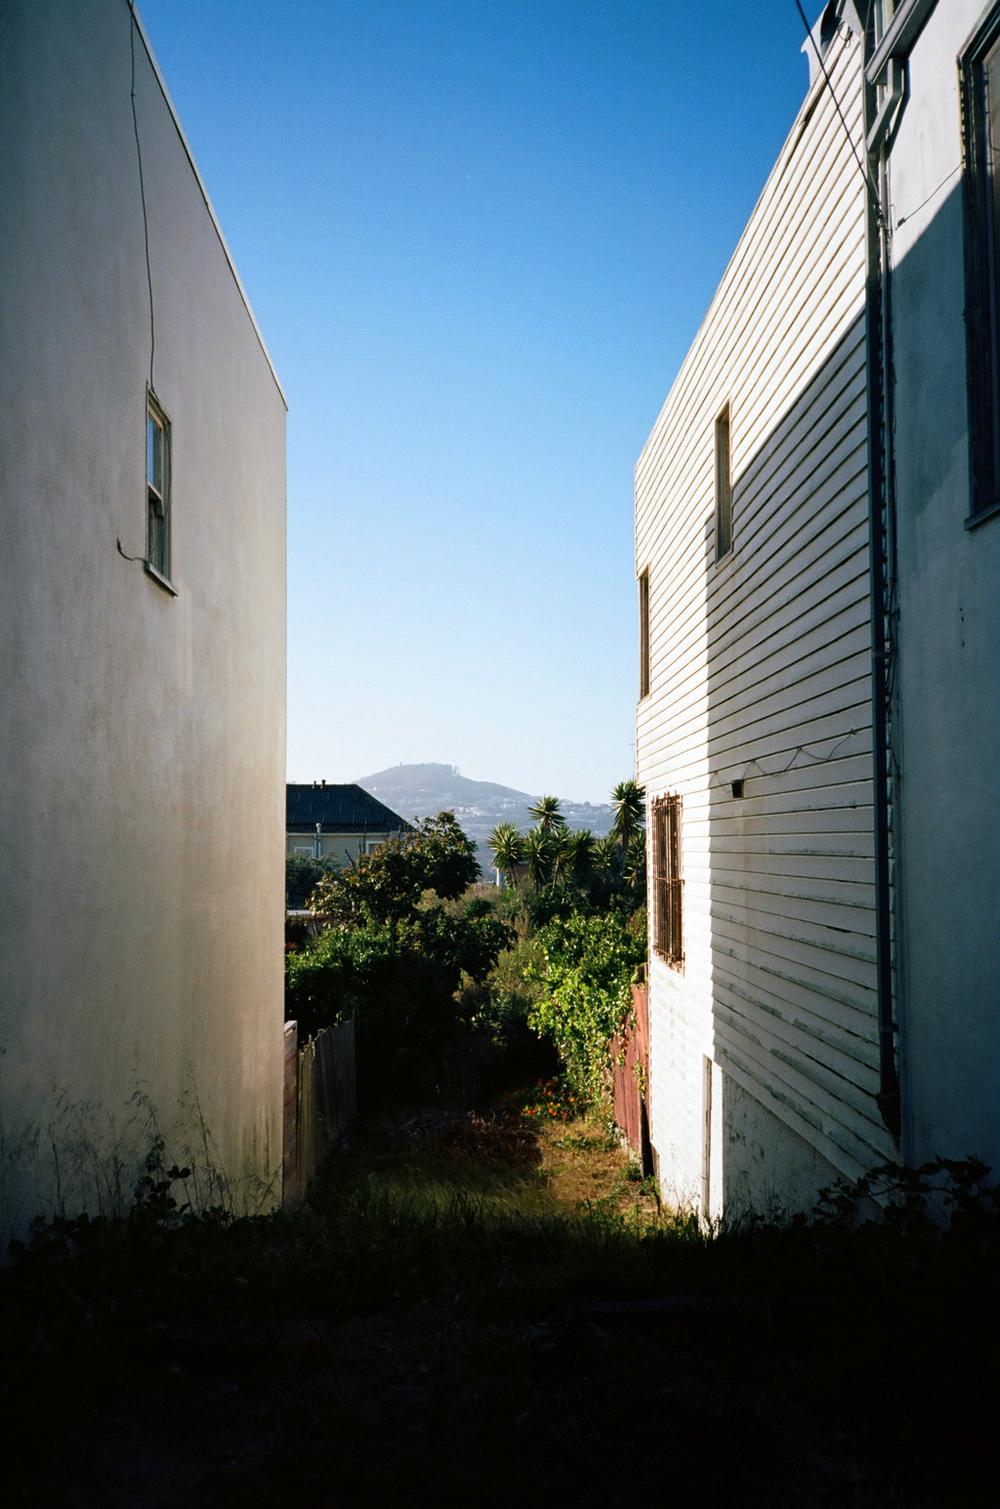 Space Between Houses